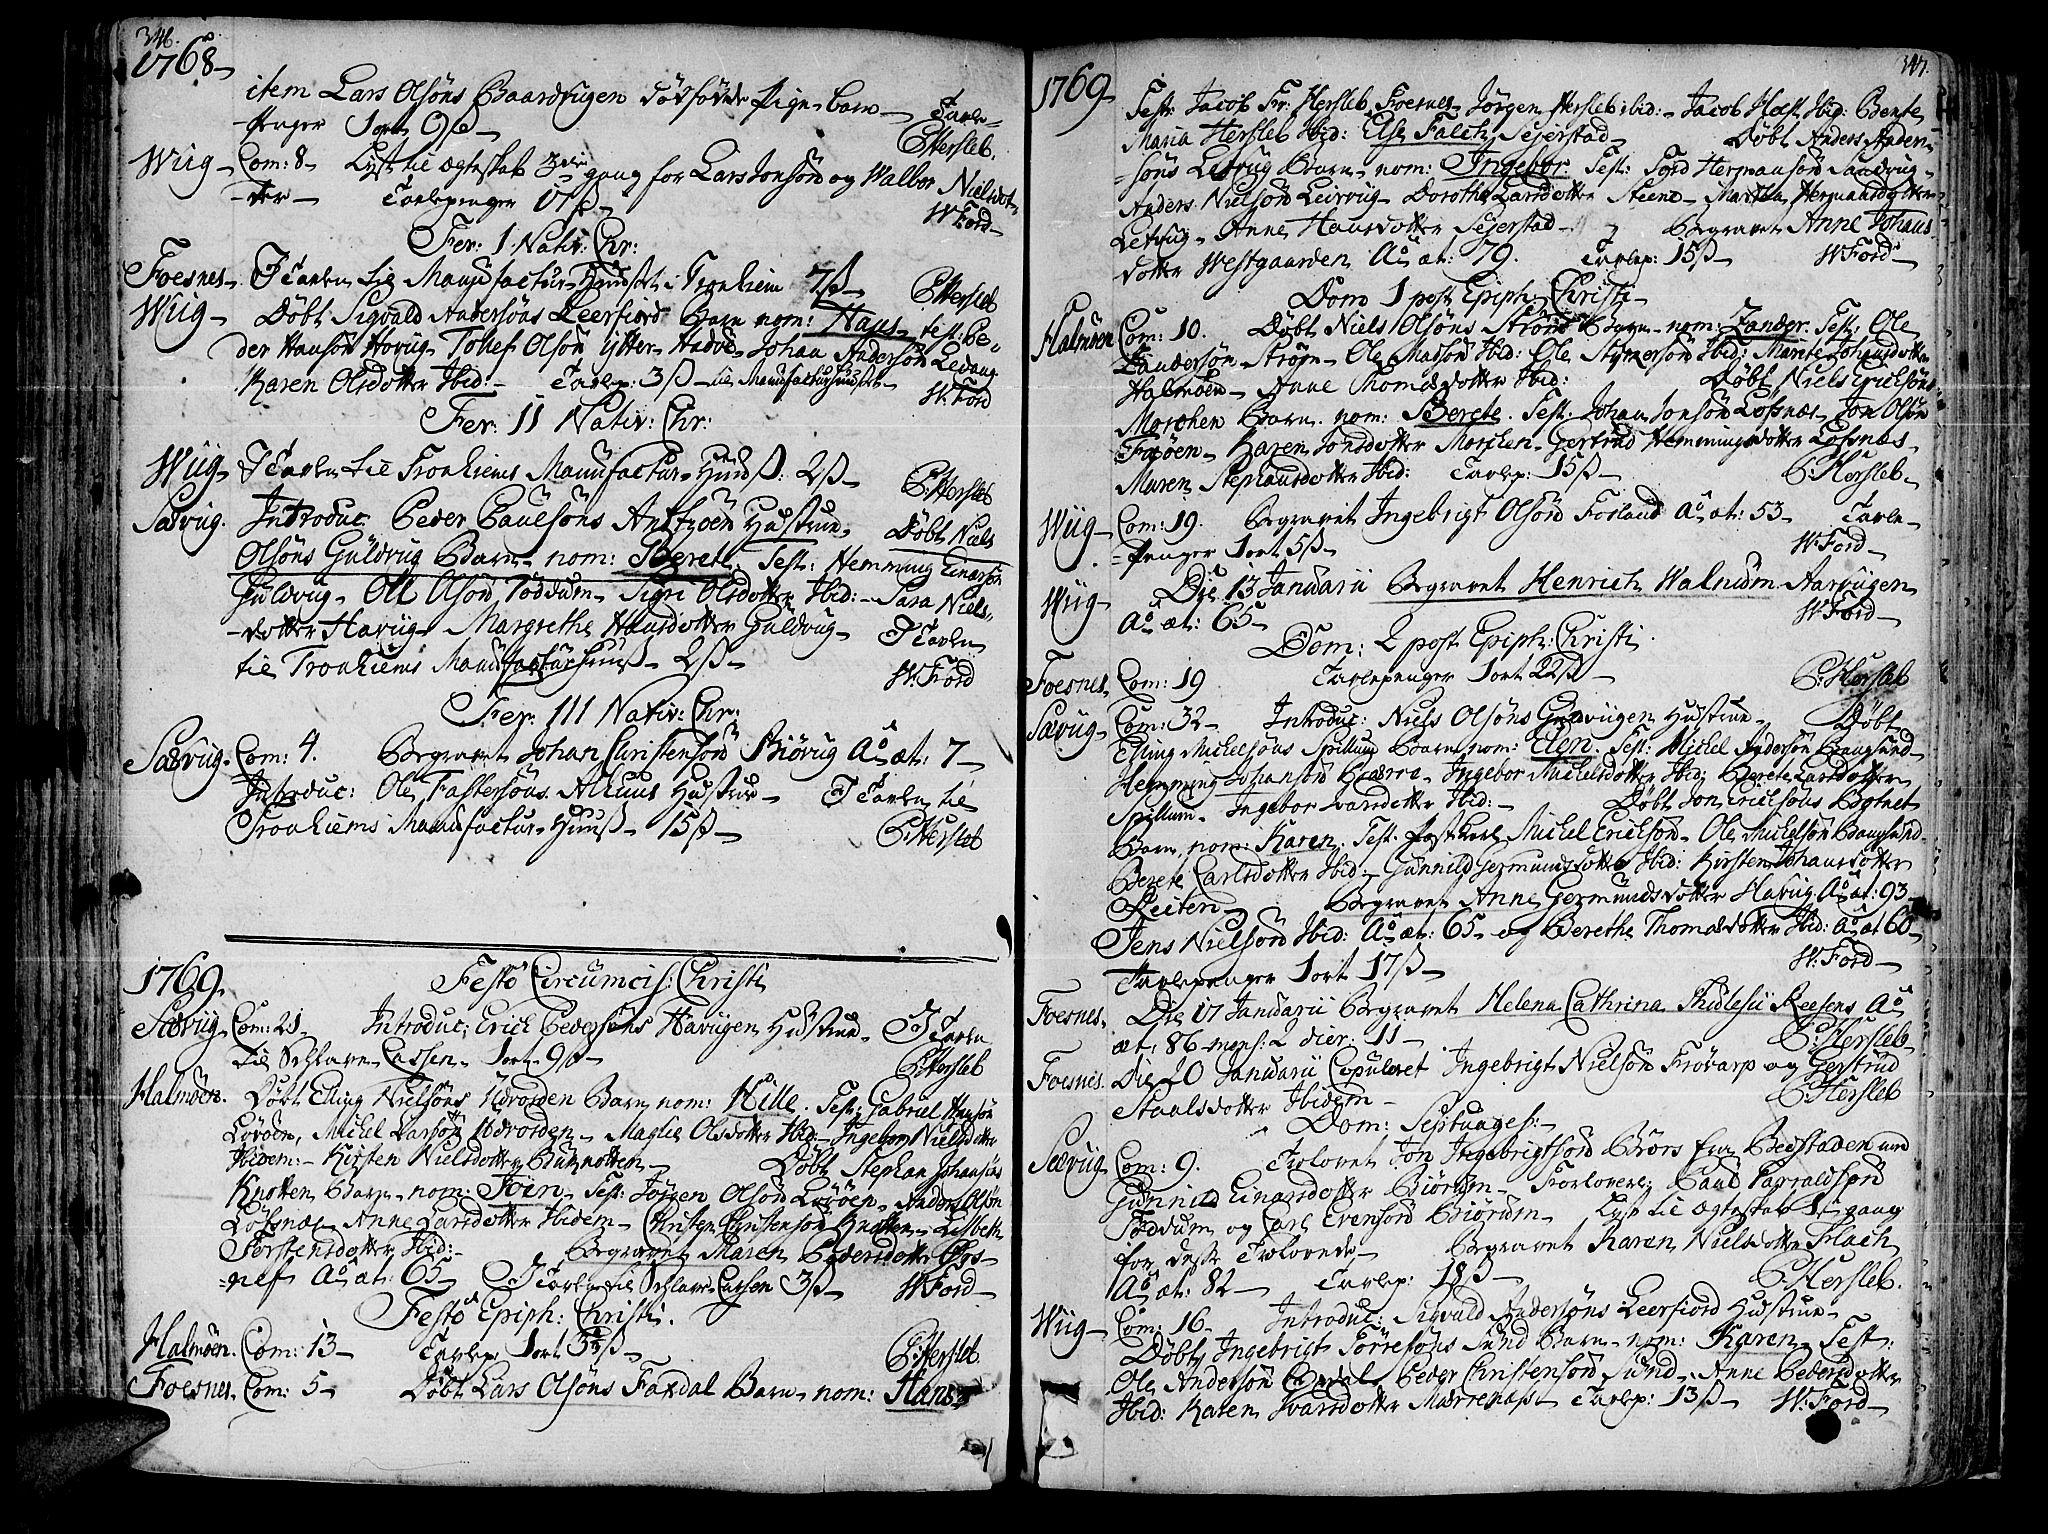 SAT, Ministerialprotokoller, klokkerbøker og fødselsregistre - Nord-Trøndelag, 773/L0607: Ministerialbok nr. 773A01, 1751-1783, s. 346-347